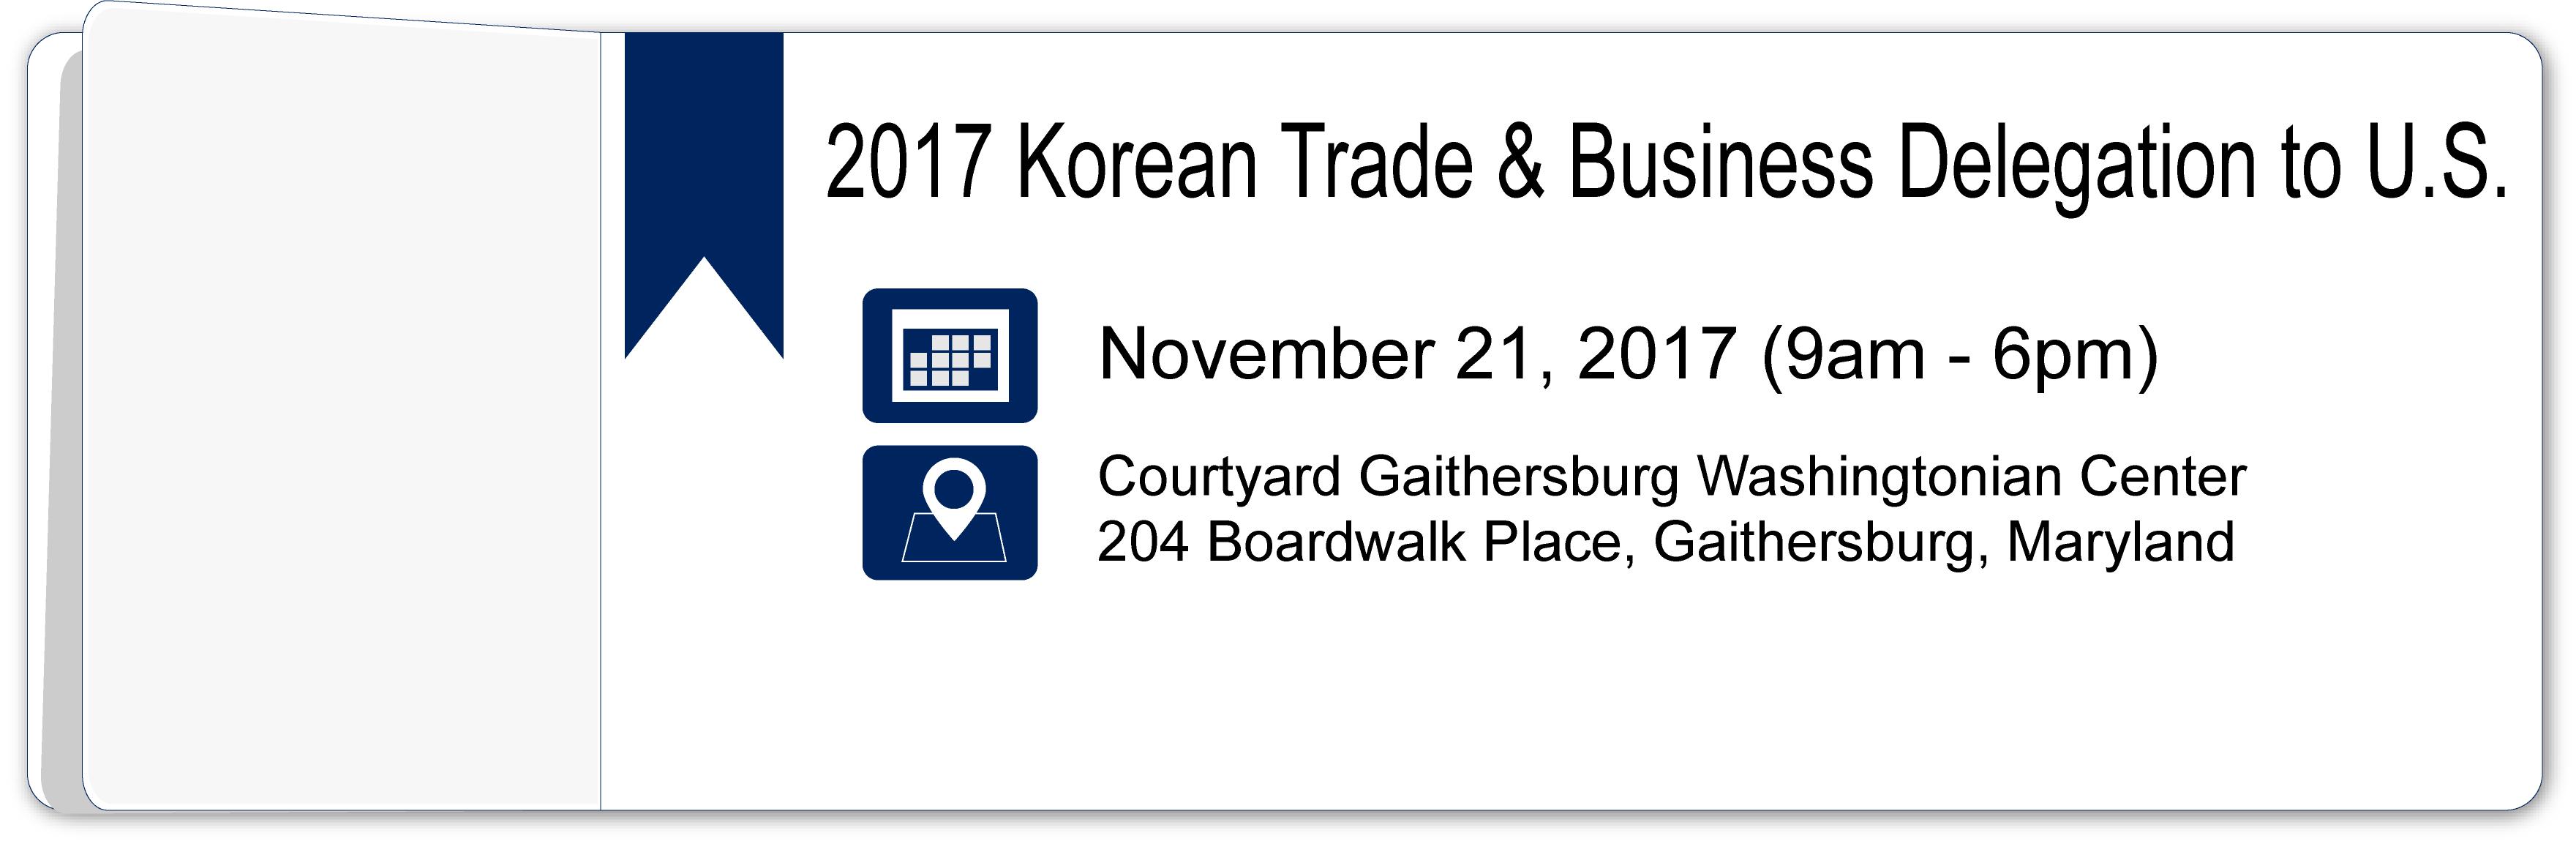 2017 Korean Trade & Business Delegation to U.S.